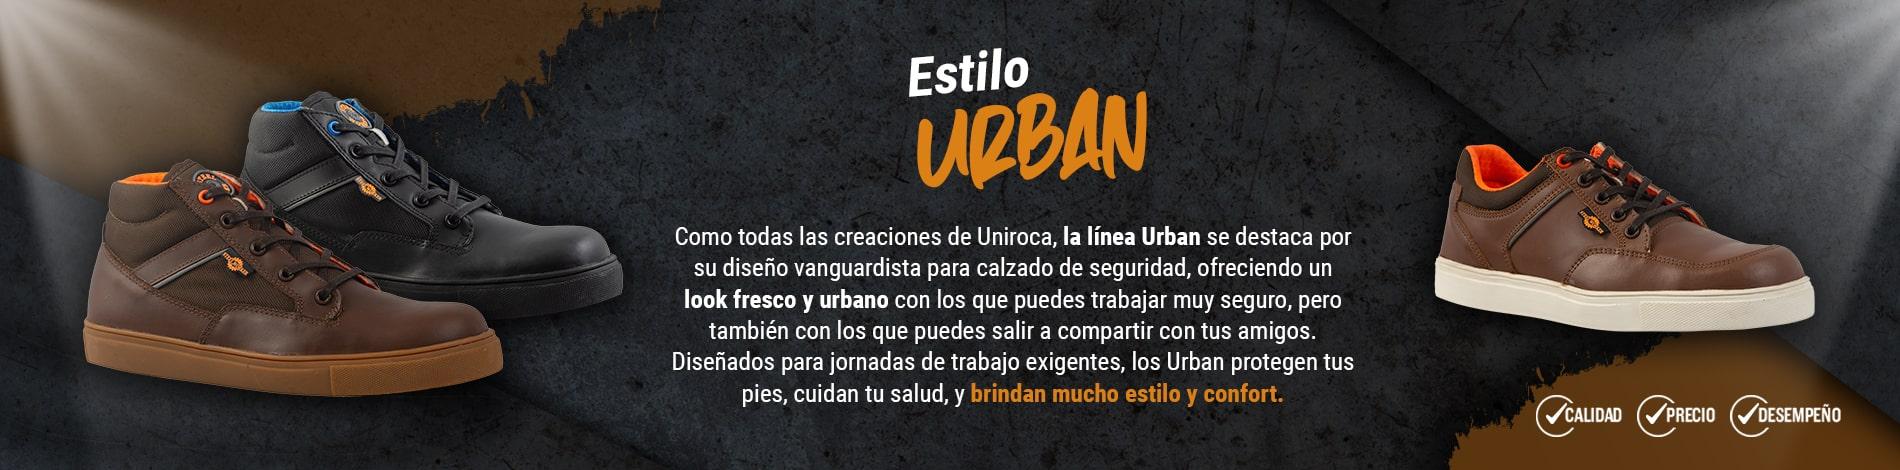 banner urban